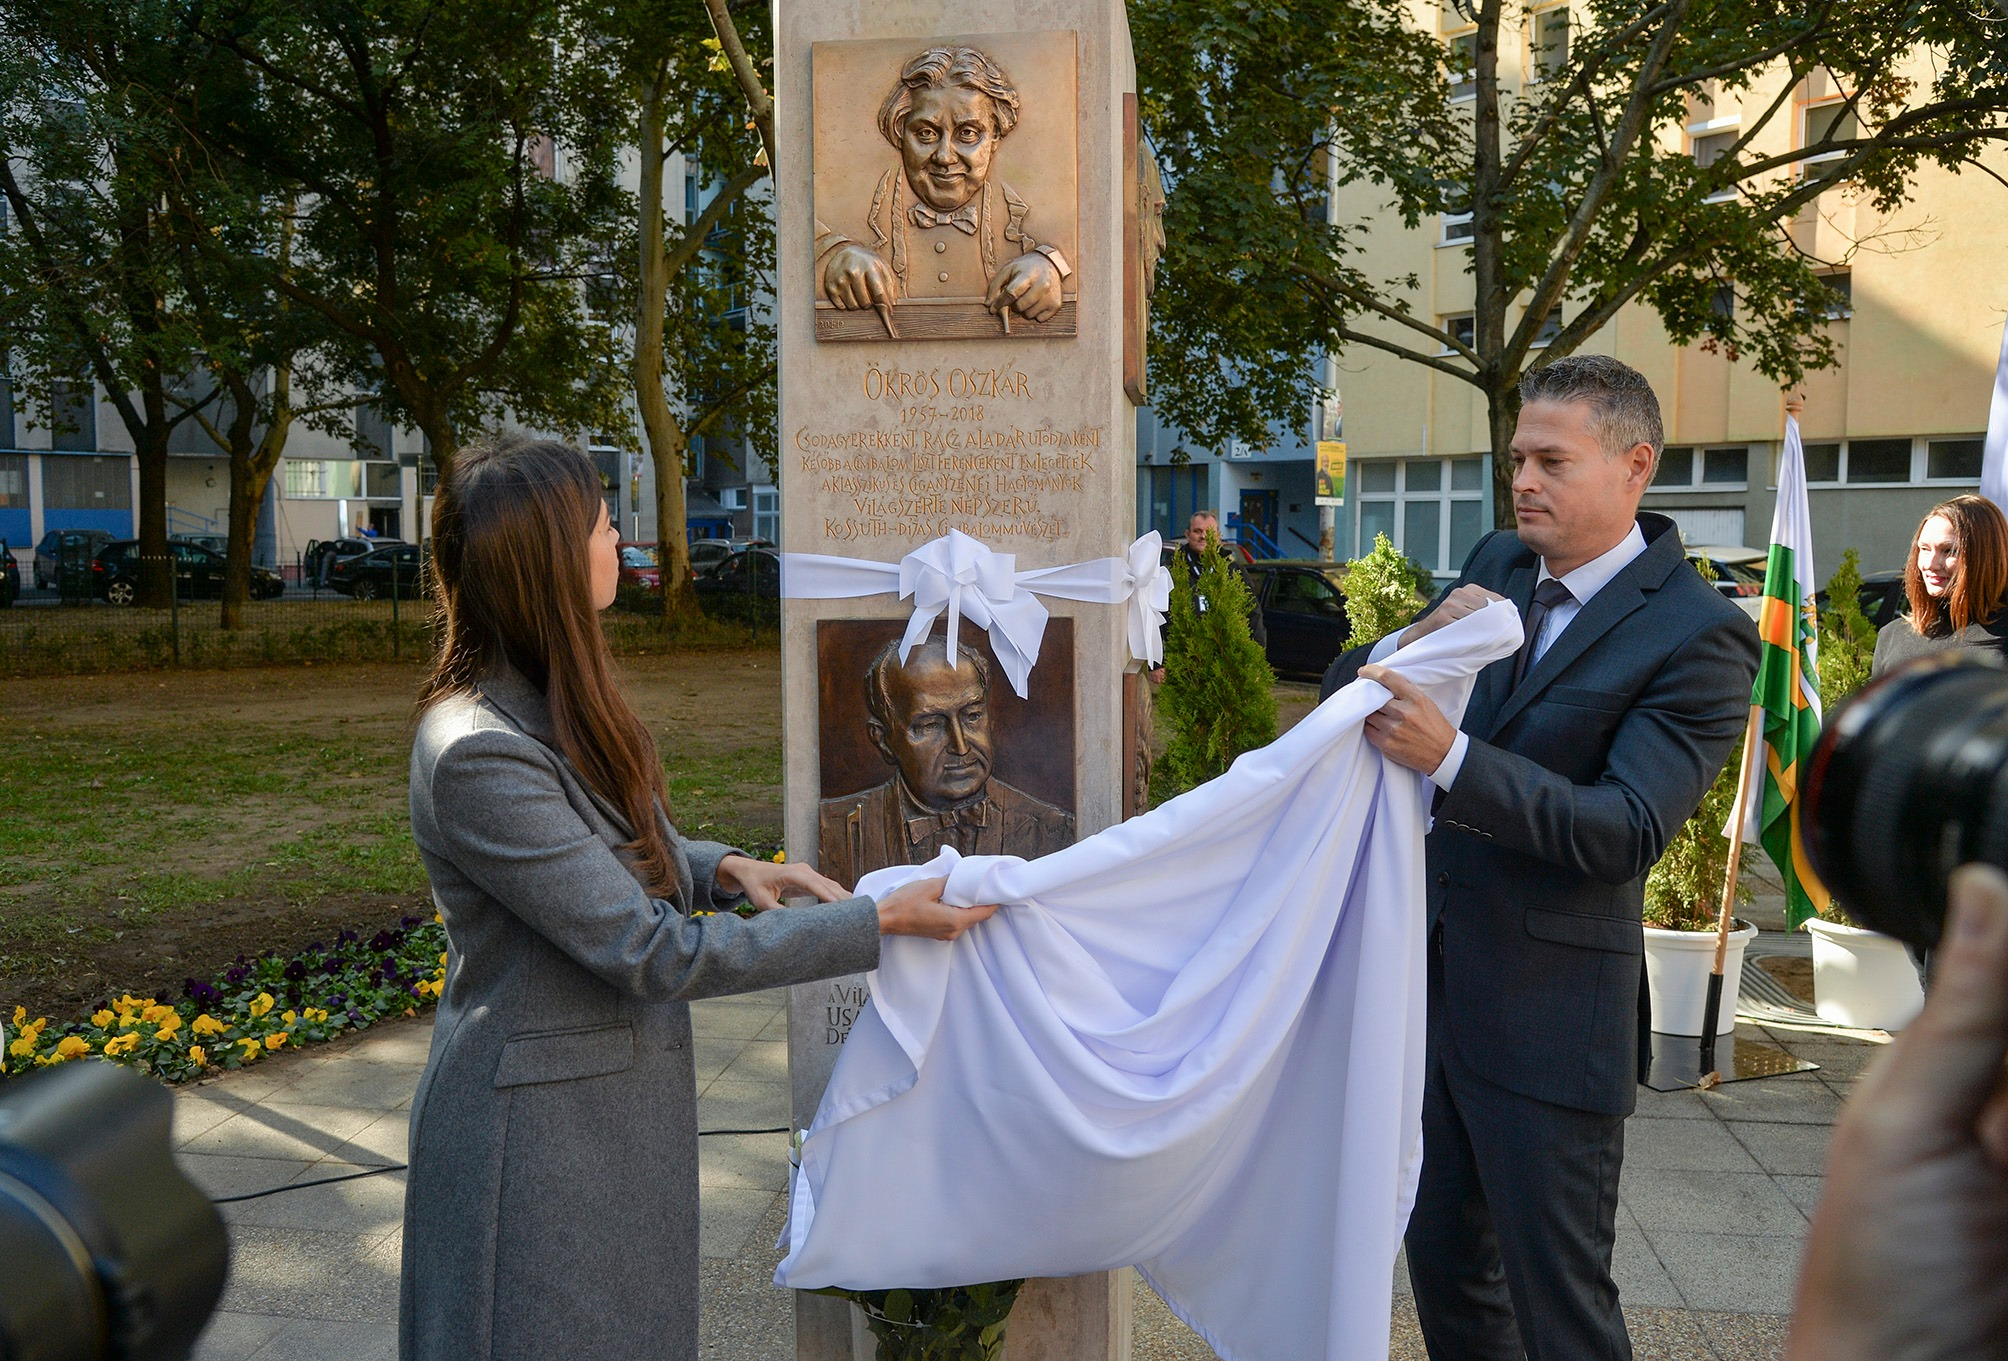 Józsefvárosban átadtak egy szobrot, ami valamiért hasonlít Semjén Zsoltra